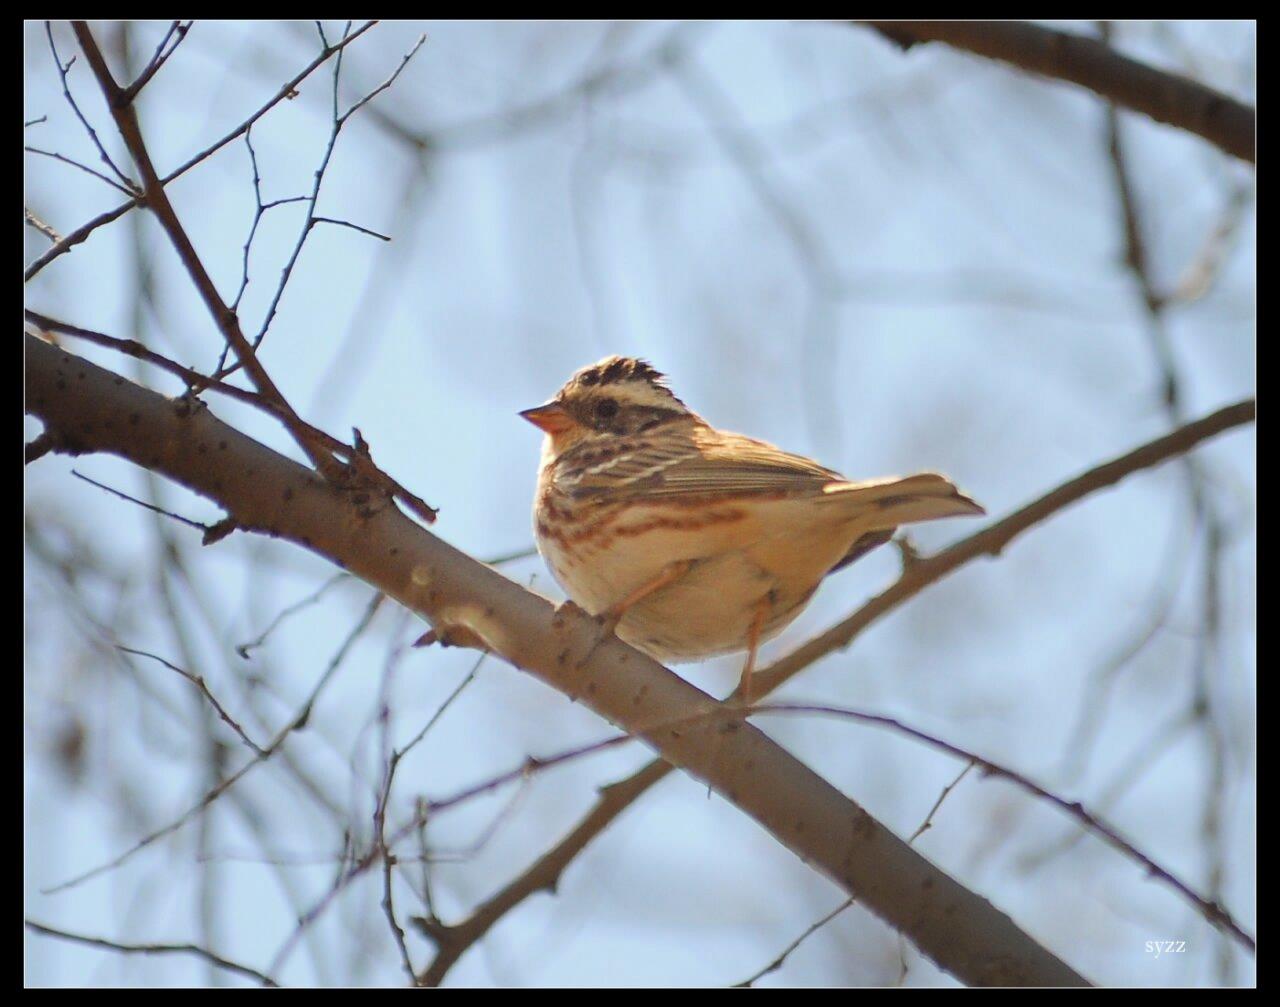 春天的鸟 - 辽宁版 liaoning